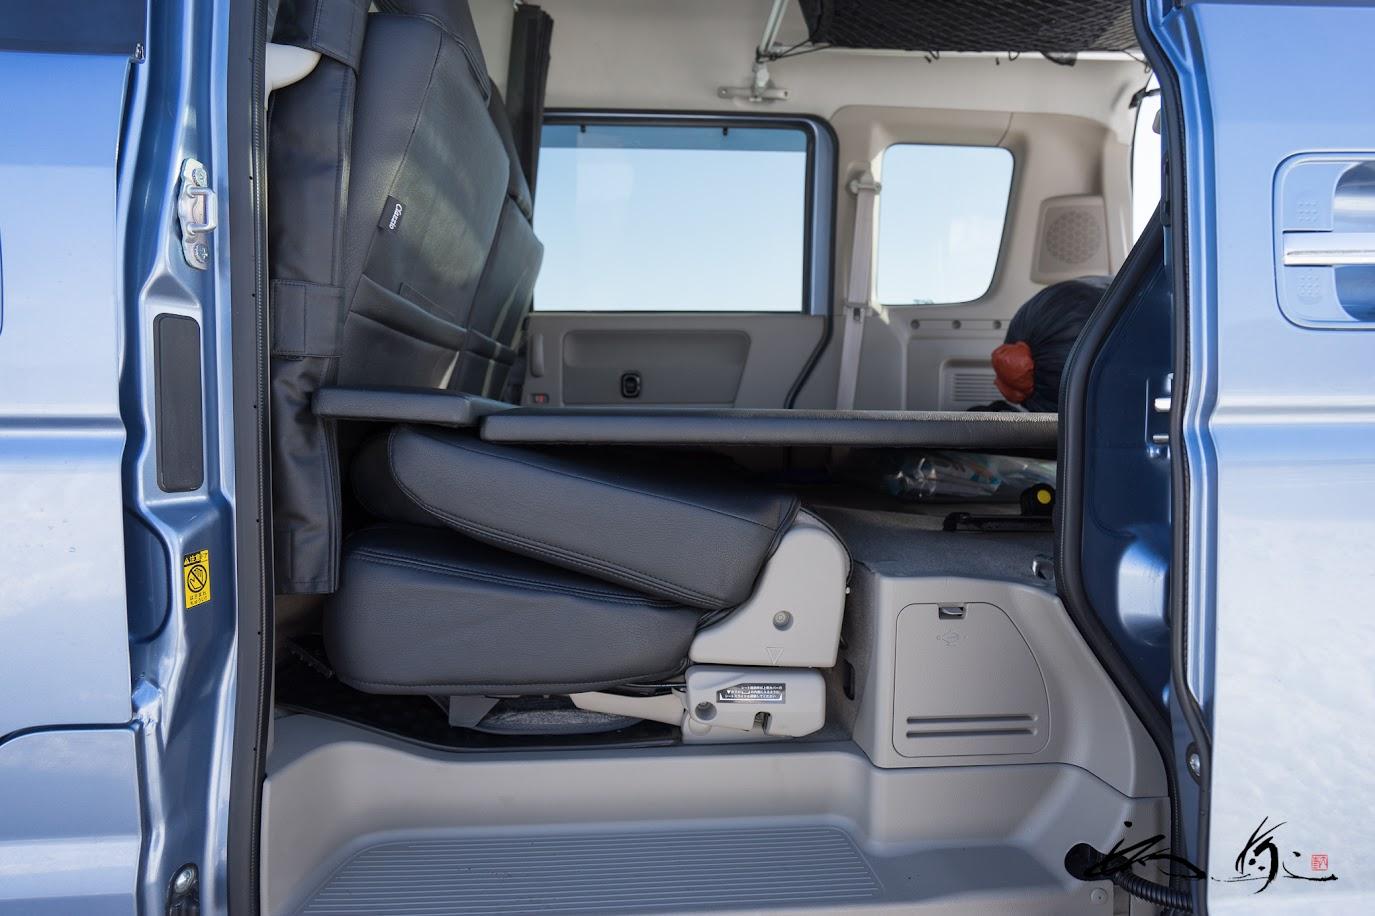 延長ボード・ボードと後部座席の位置関係